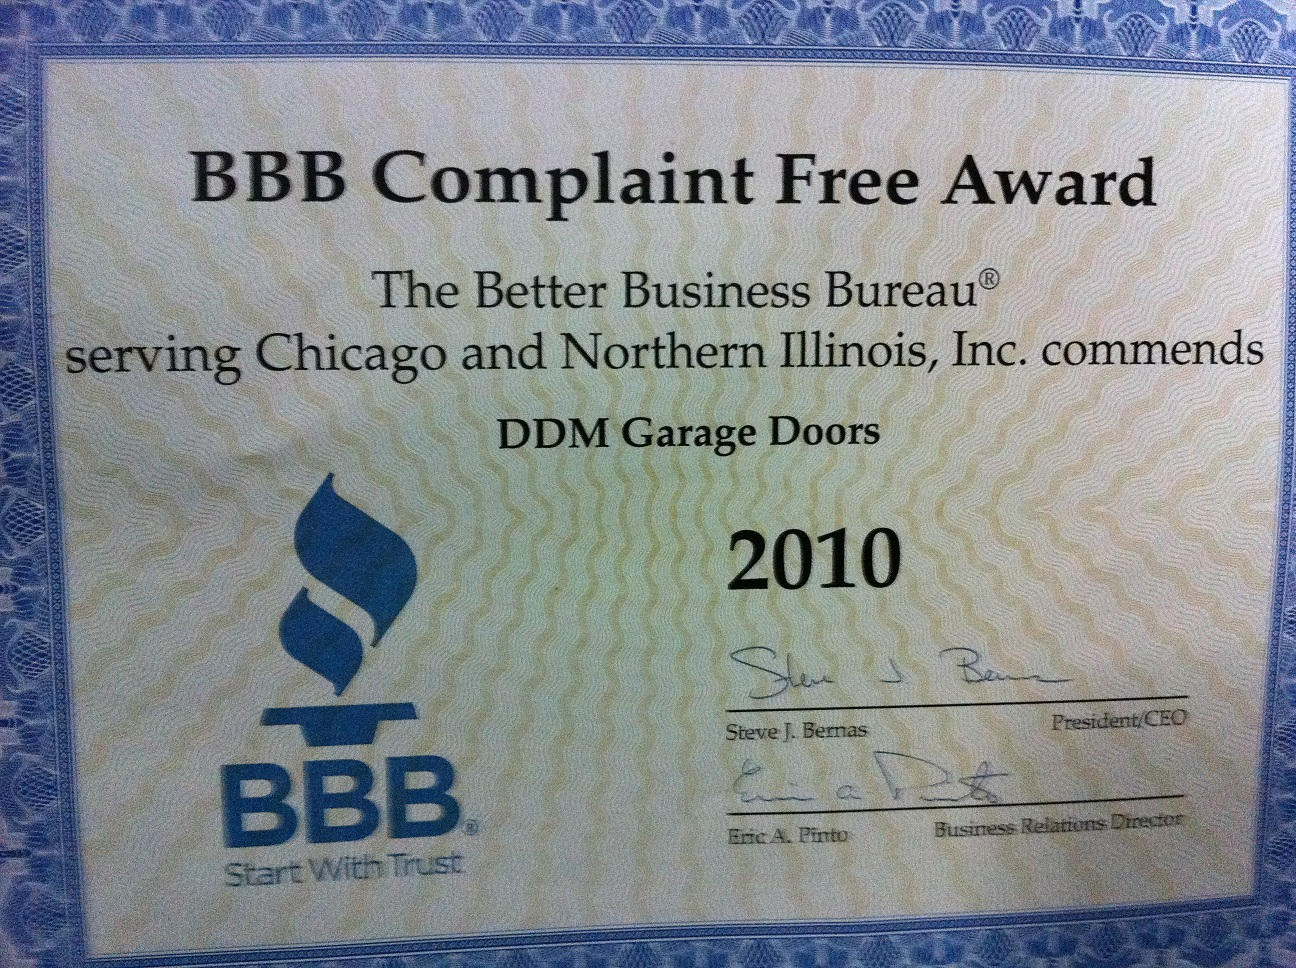 Ddm Garage Doors Wins Bbb 2010 Complaint Free Award Dan